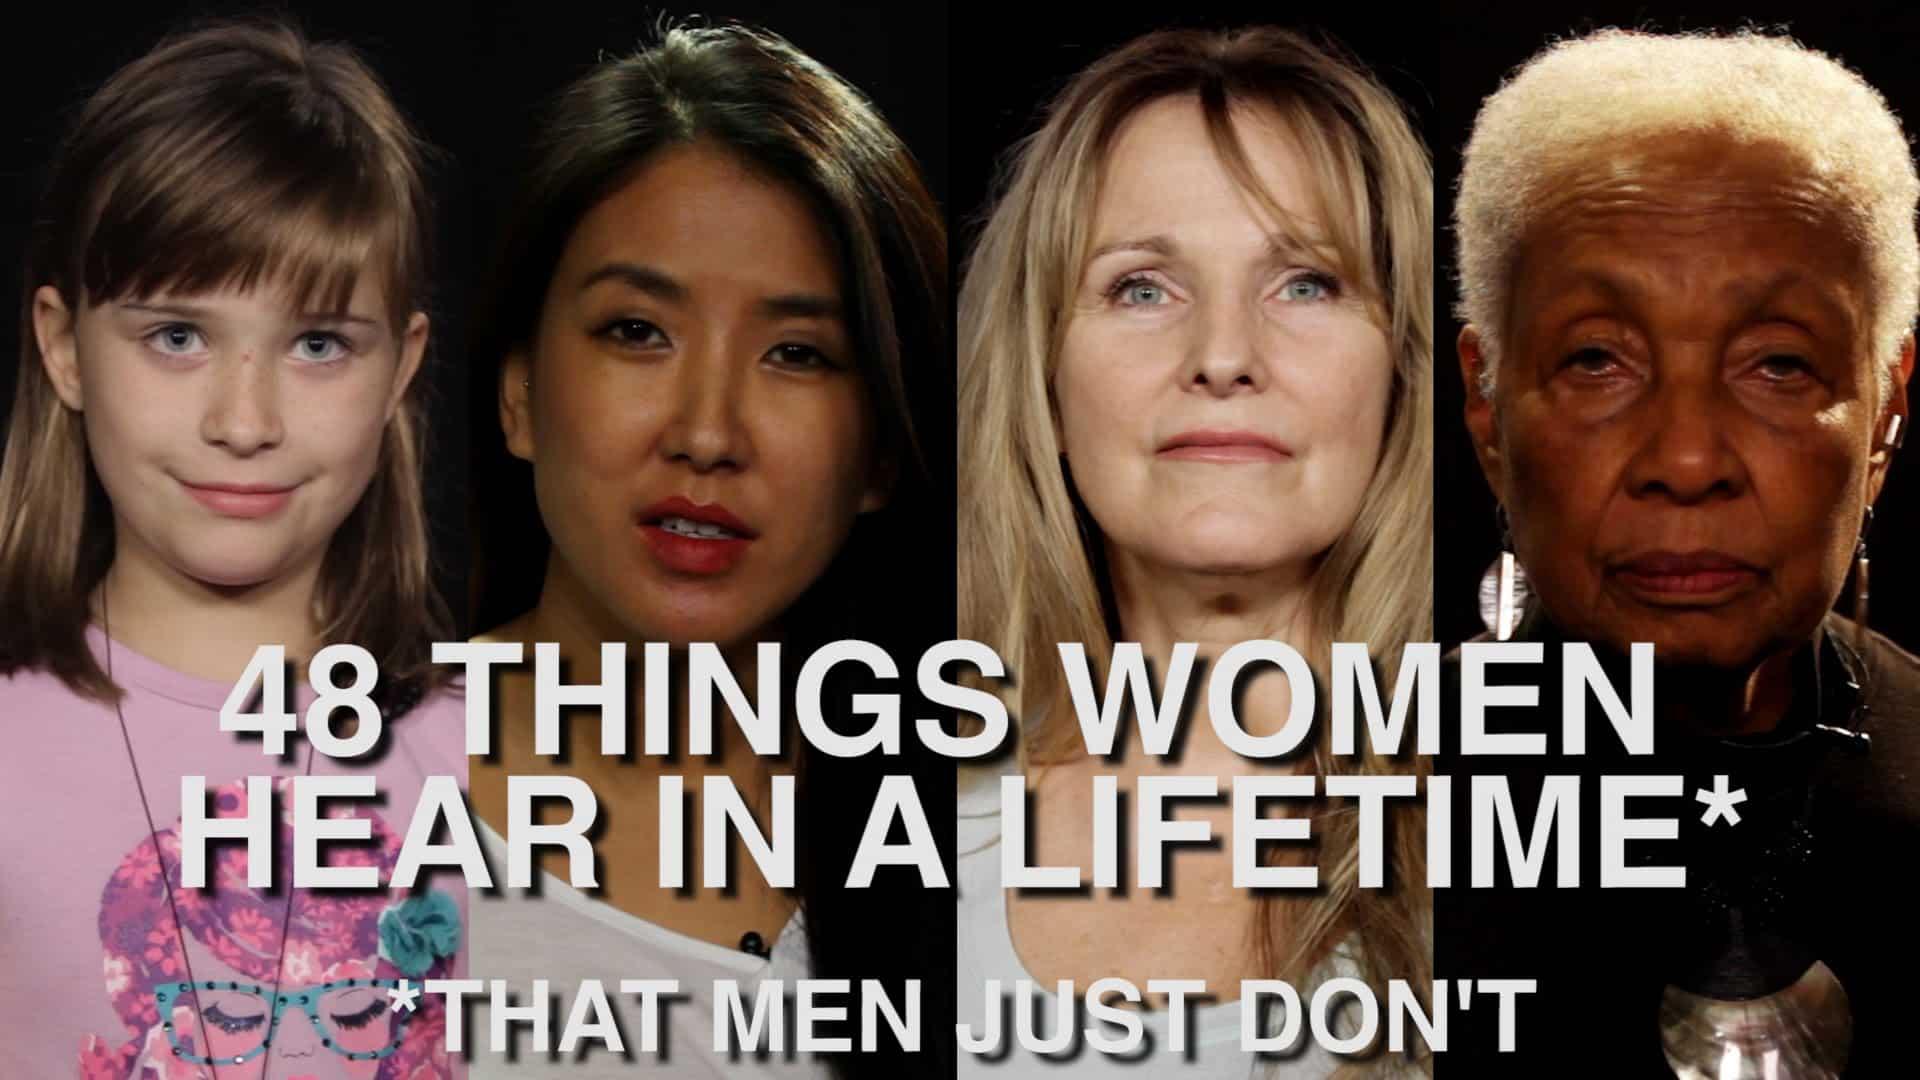 Subtle Sexism: 48 Things Women Hear That Men Don't